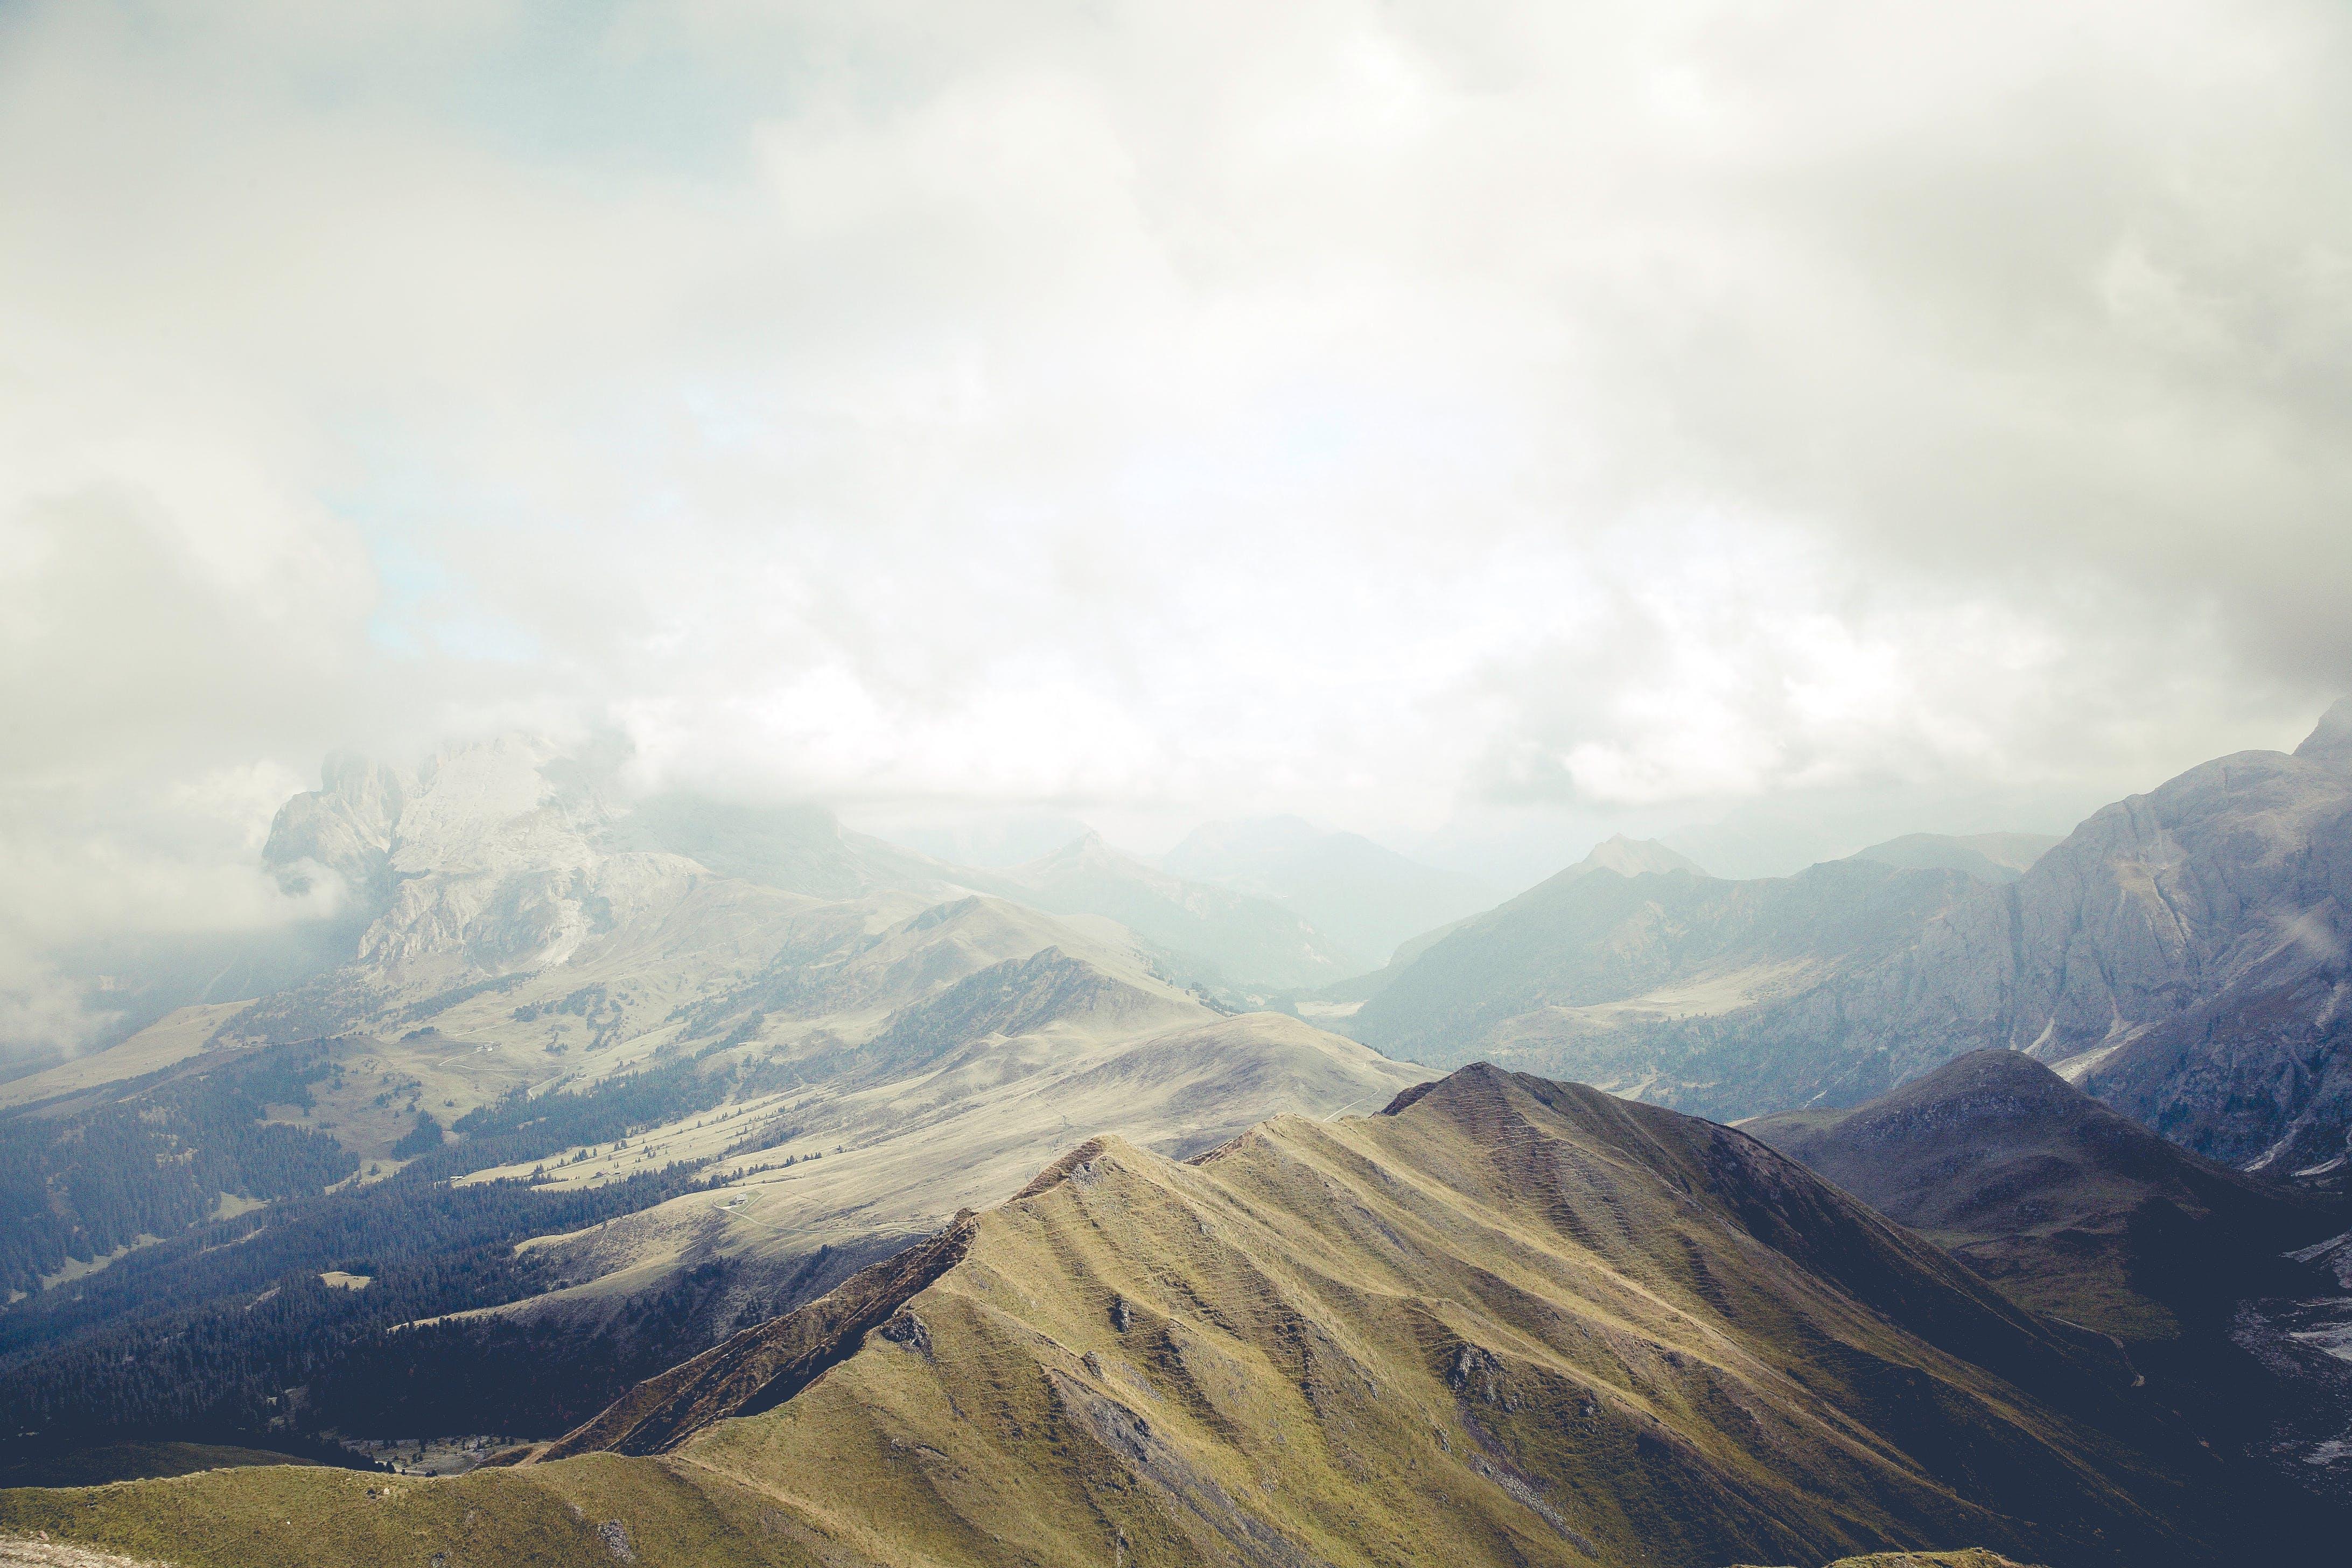 Mountain Peek during Daytime